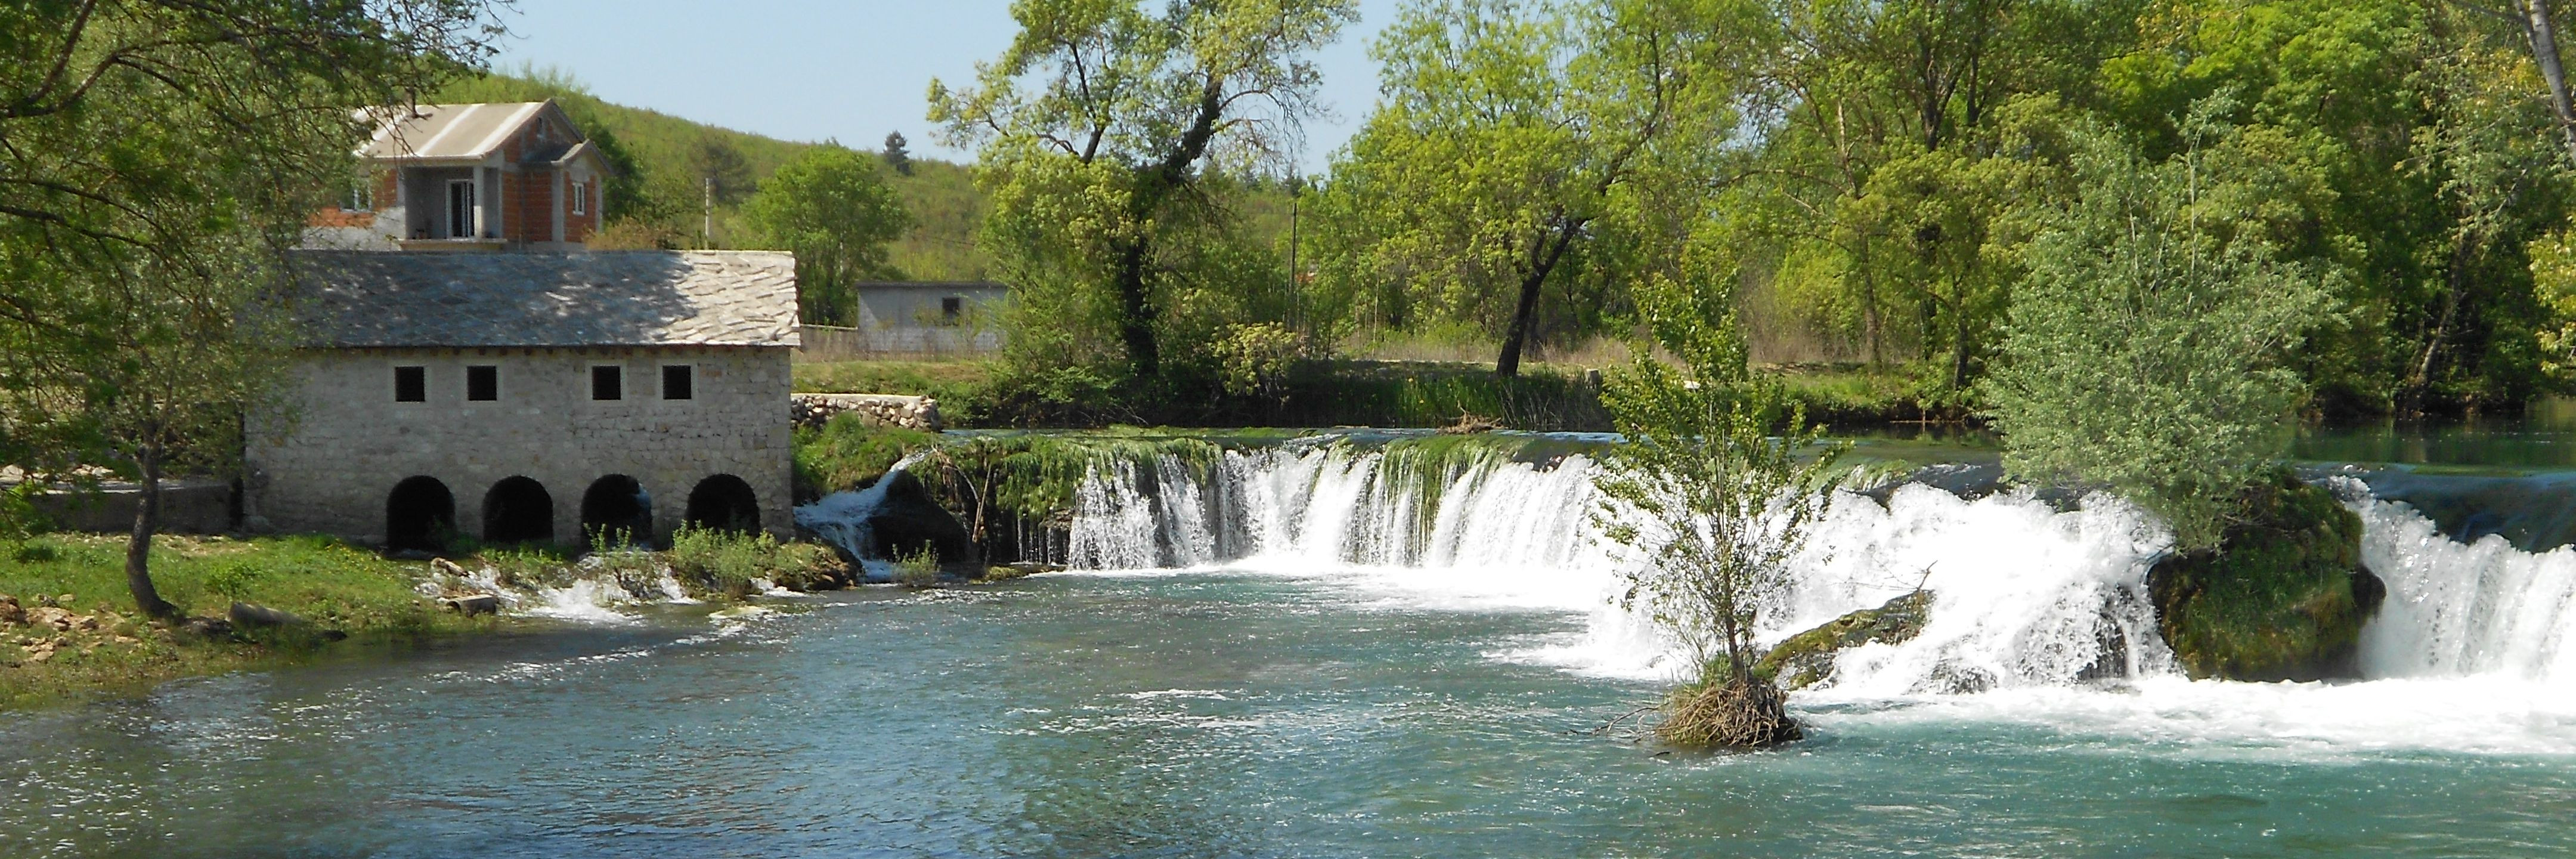 Водопад Чевелюша